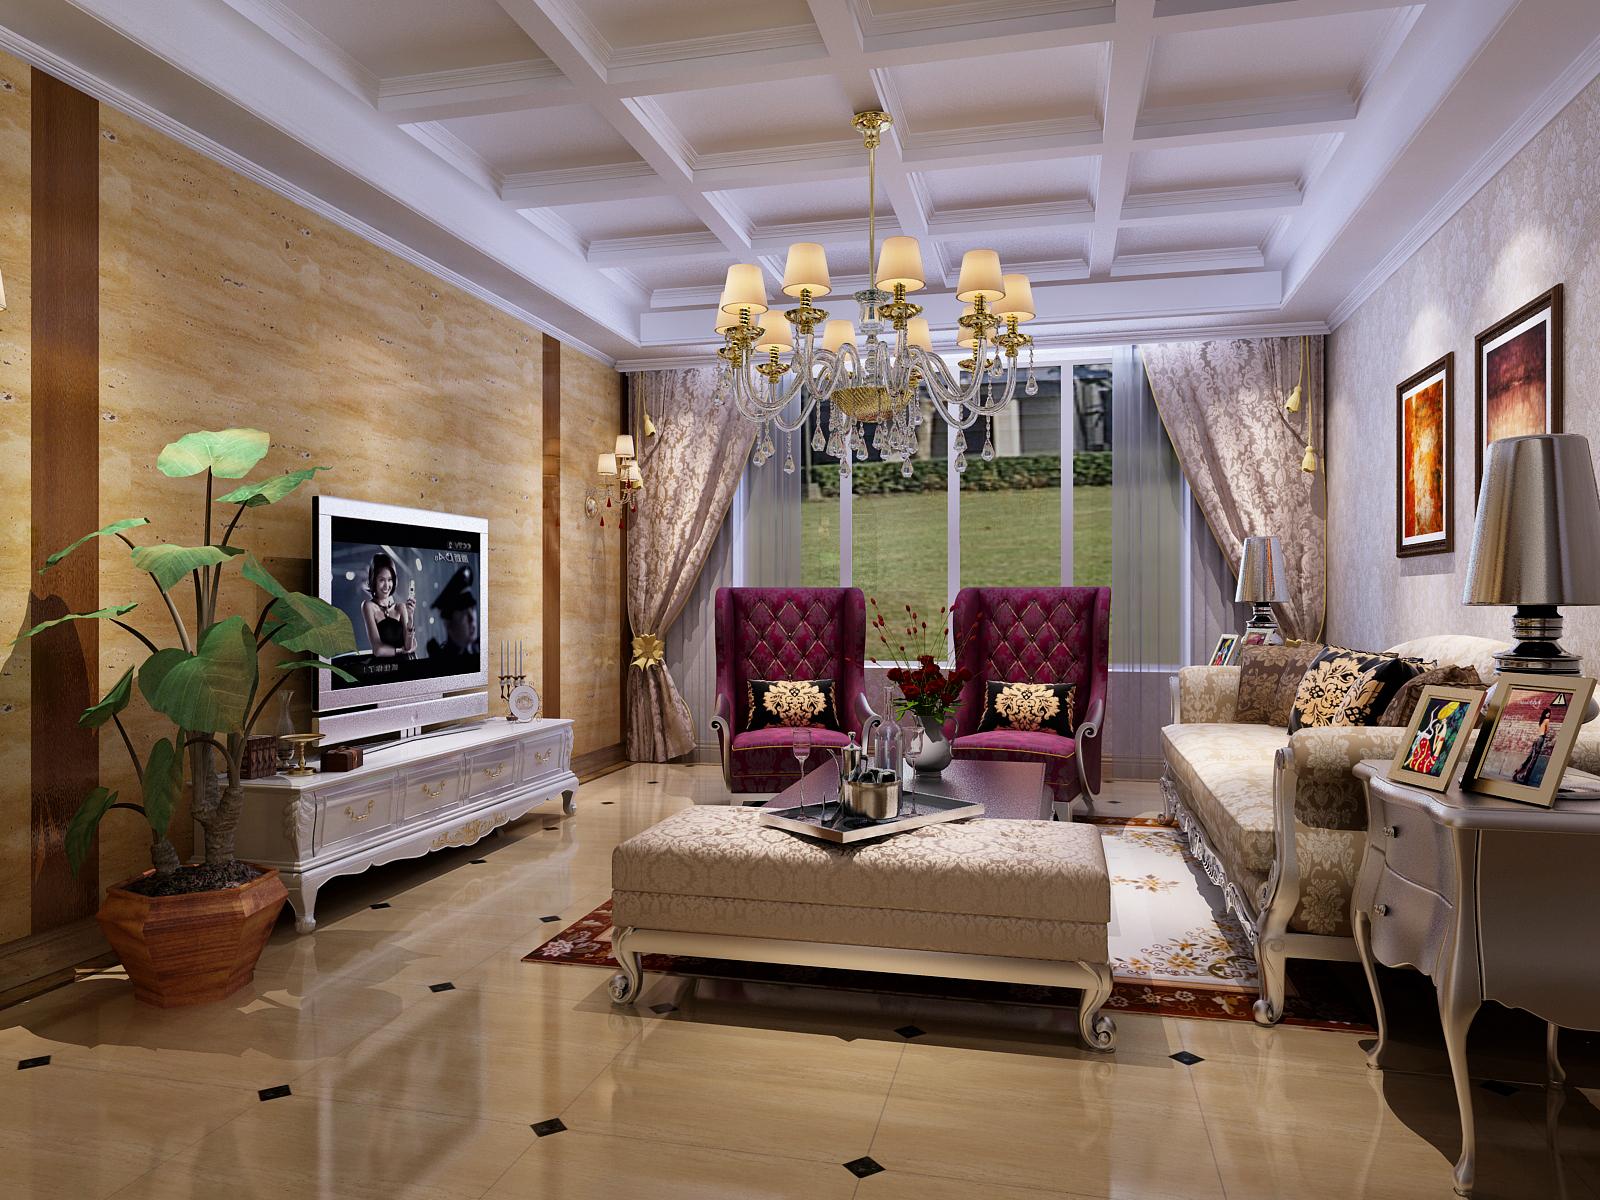 客厅图片来自今朝装饰小徐在香雪兰溪 130平新古典风格的分享